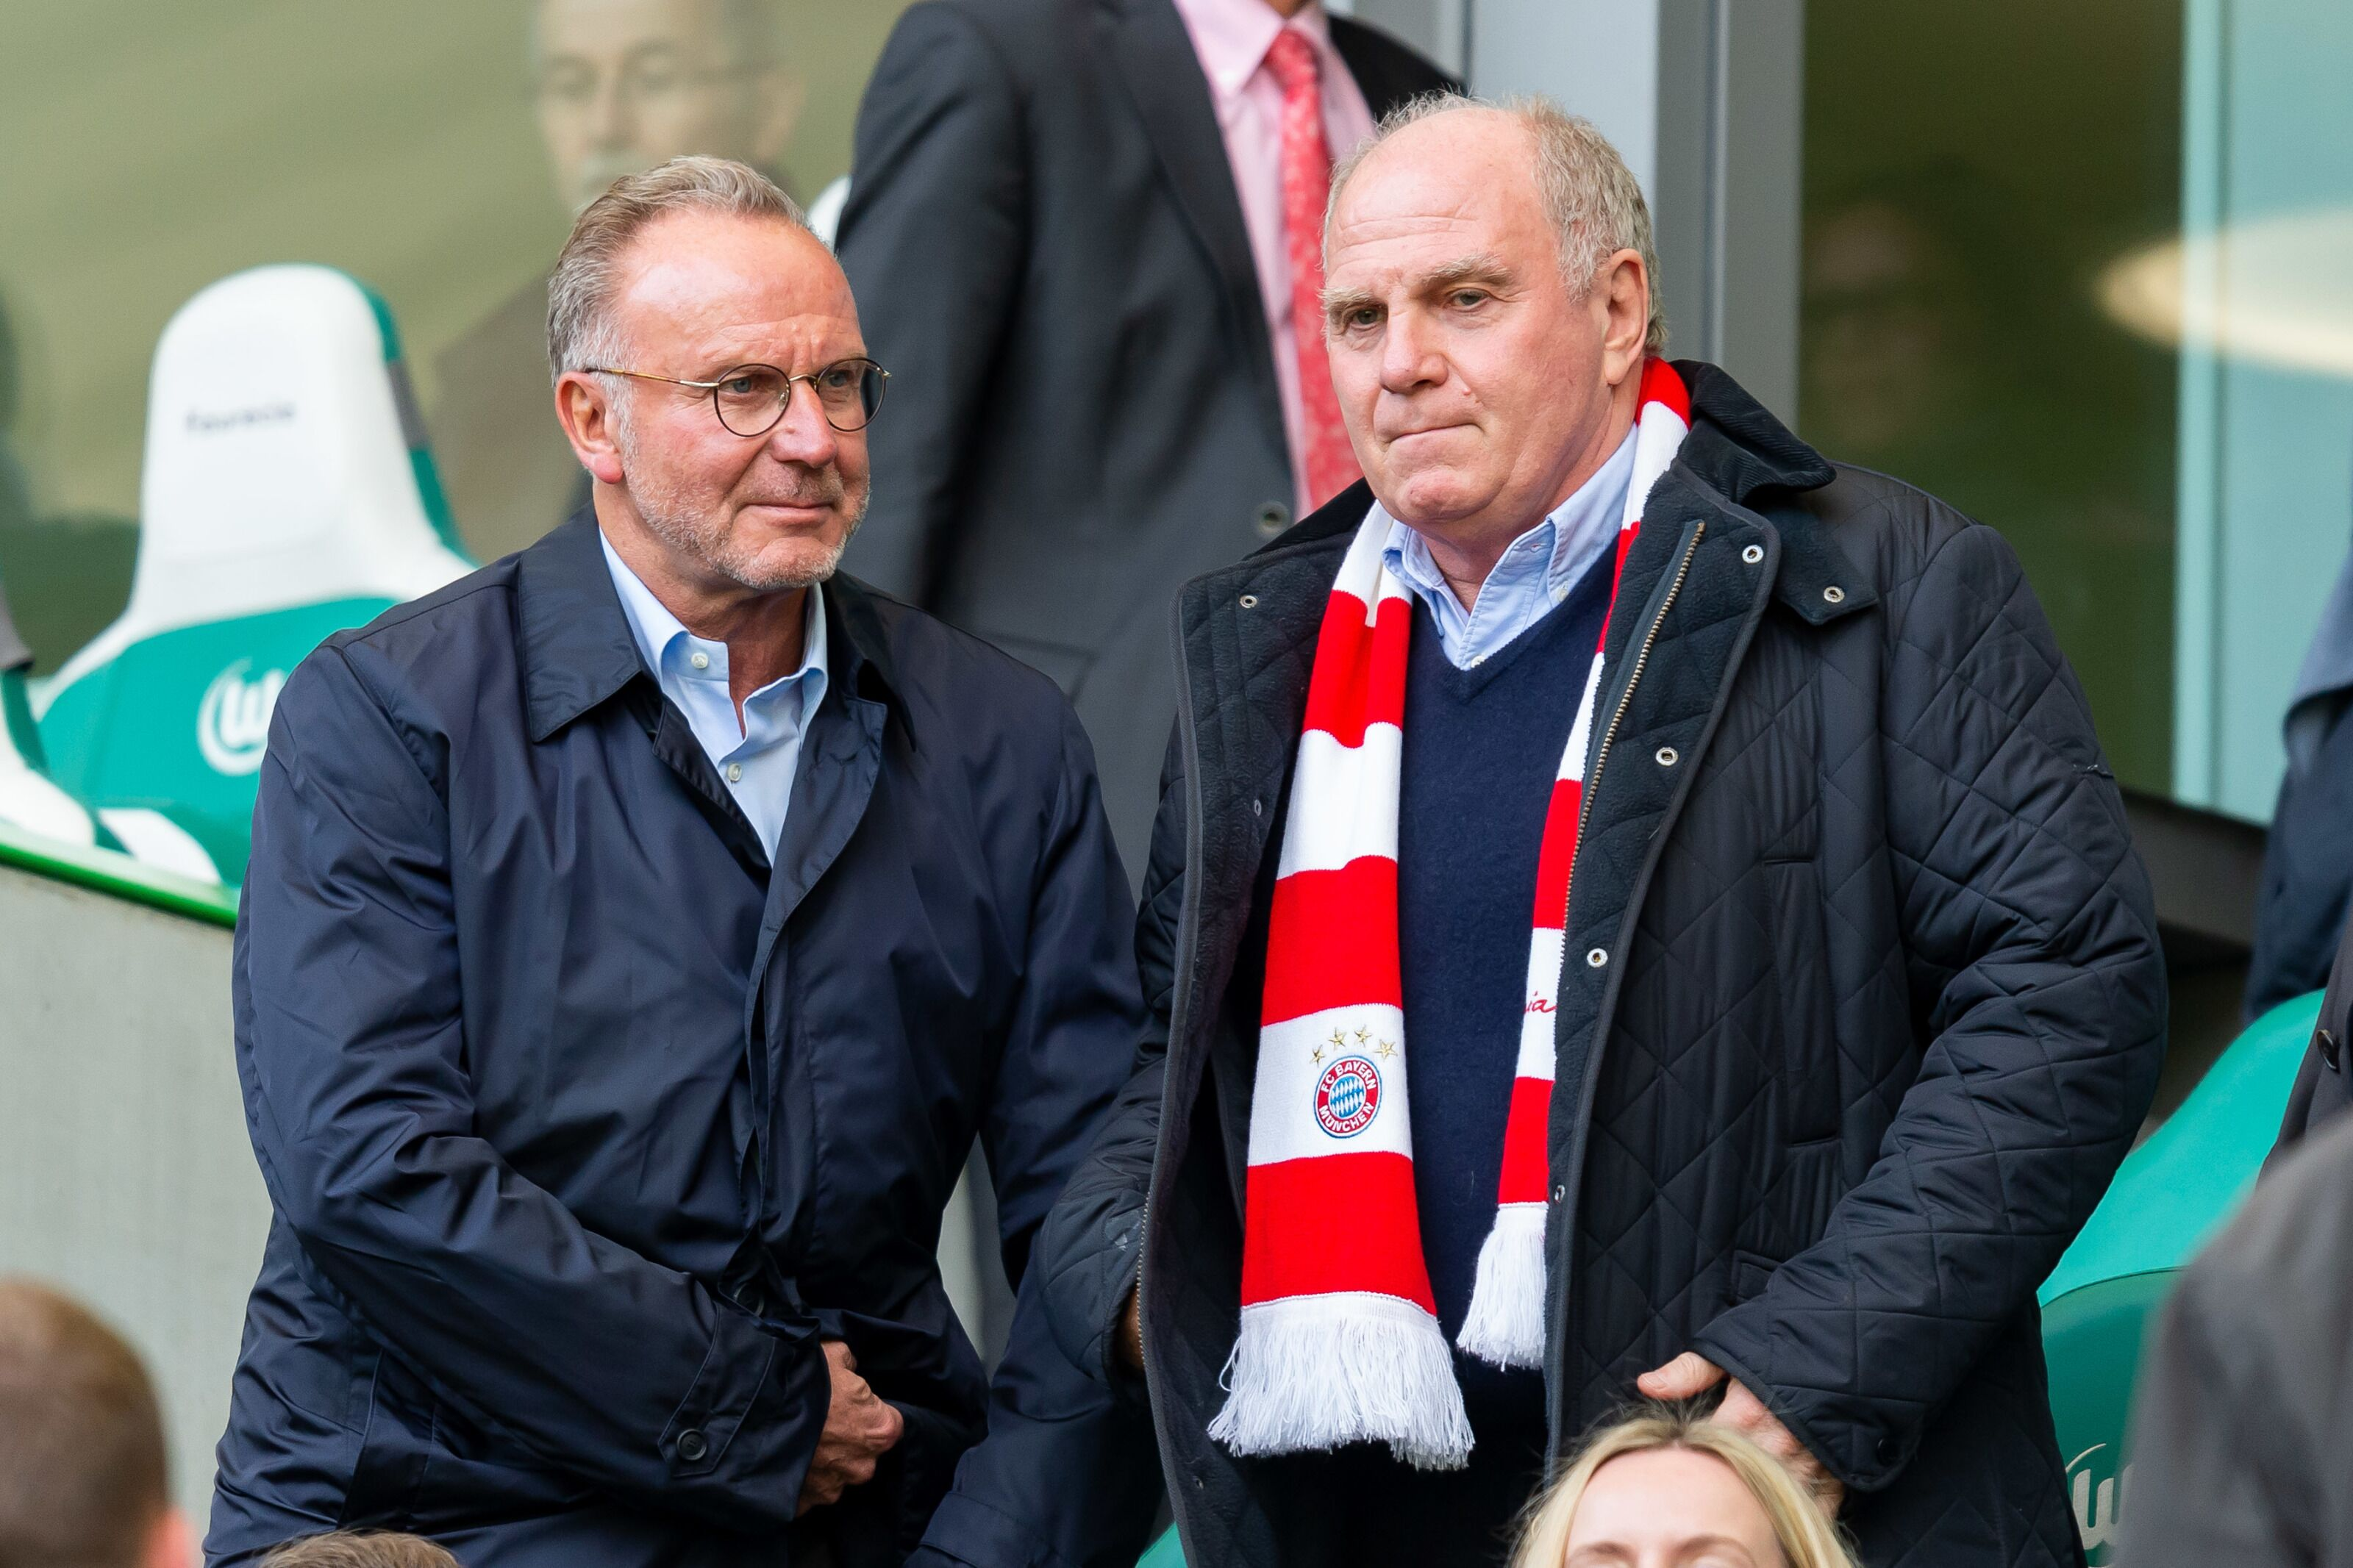 Hoeness: Bayern Munich are the underdogs in Der Klassiker